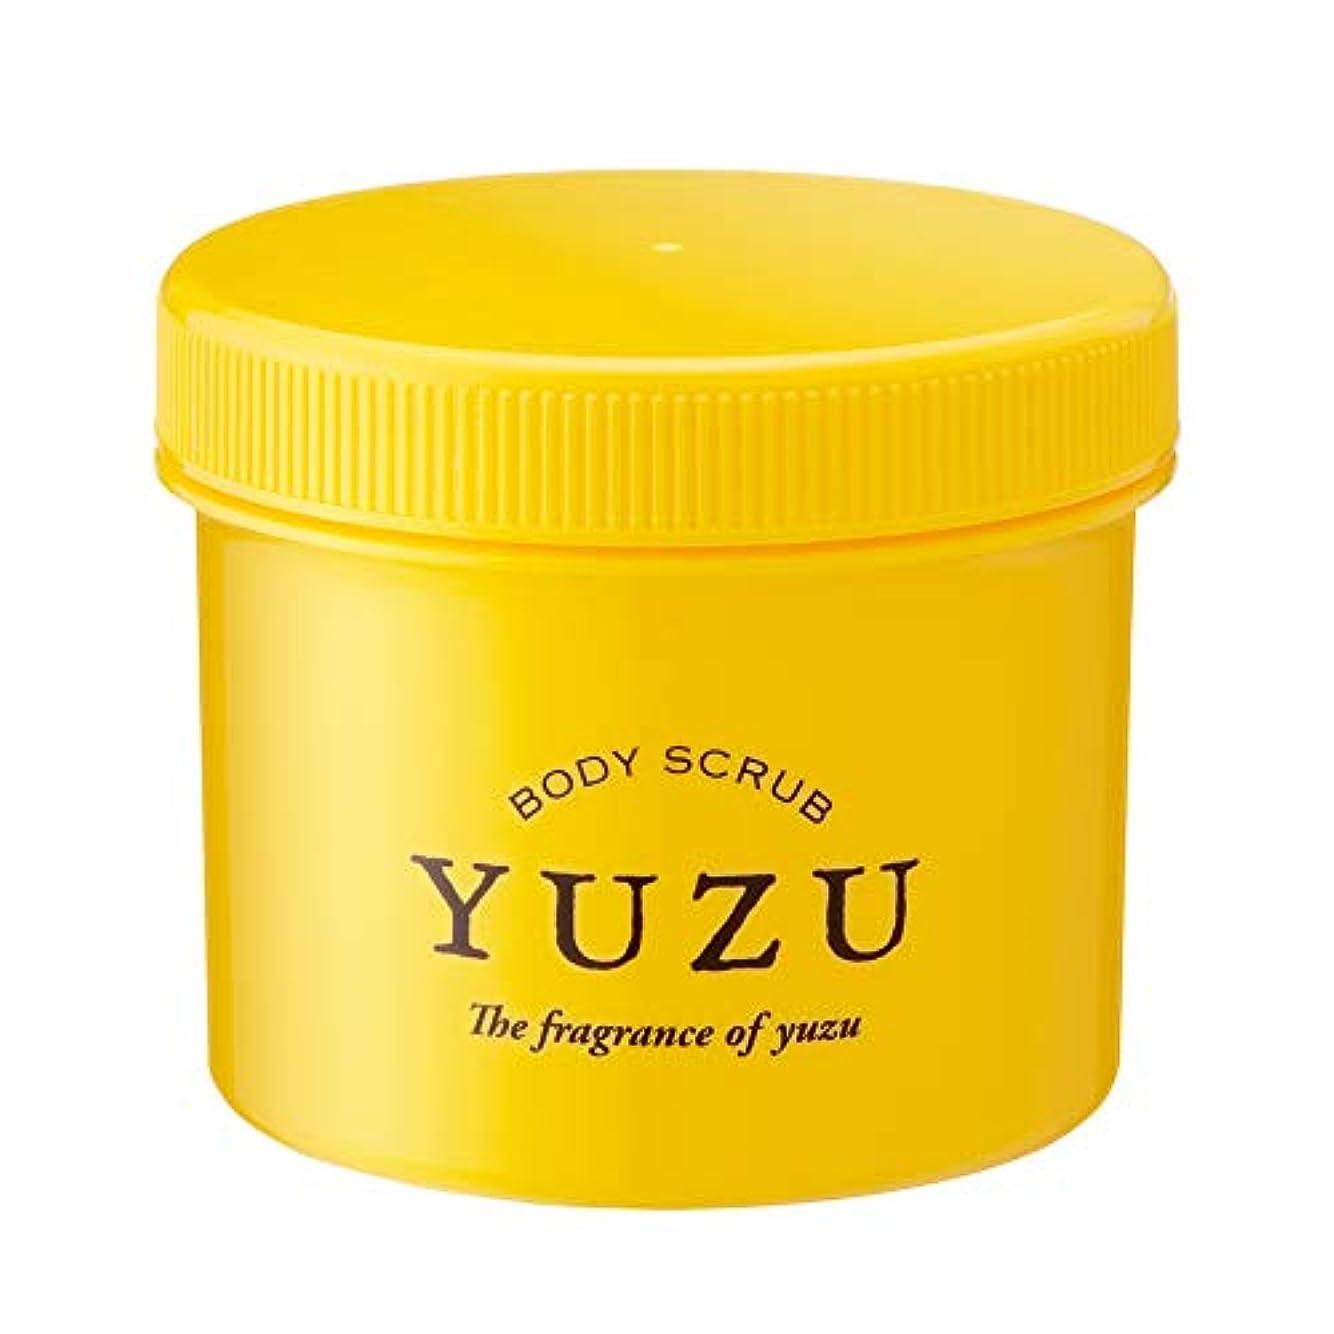 ベテラン酸化するピュー(美健)ビケン YUZU ボディマッサージスクラブ 高知県ゆず精油のみで香り付け